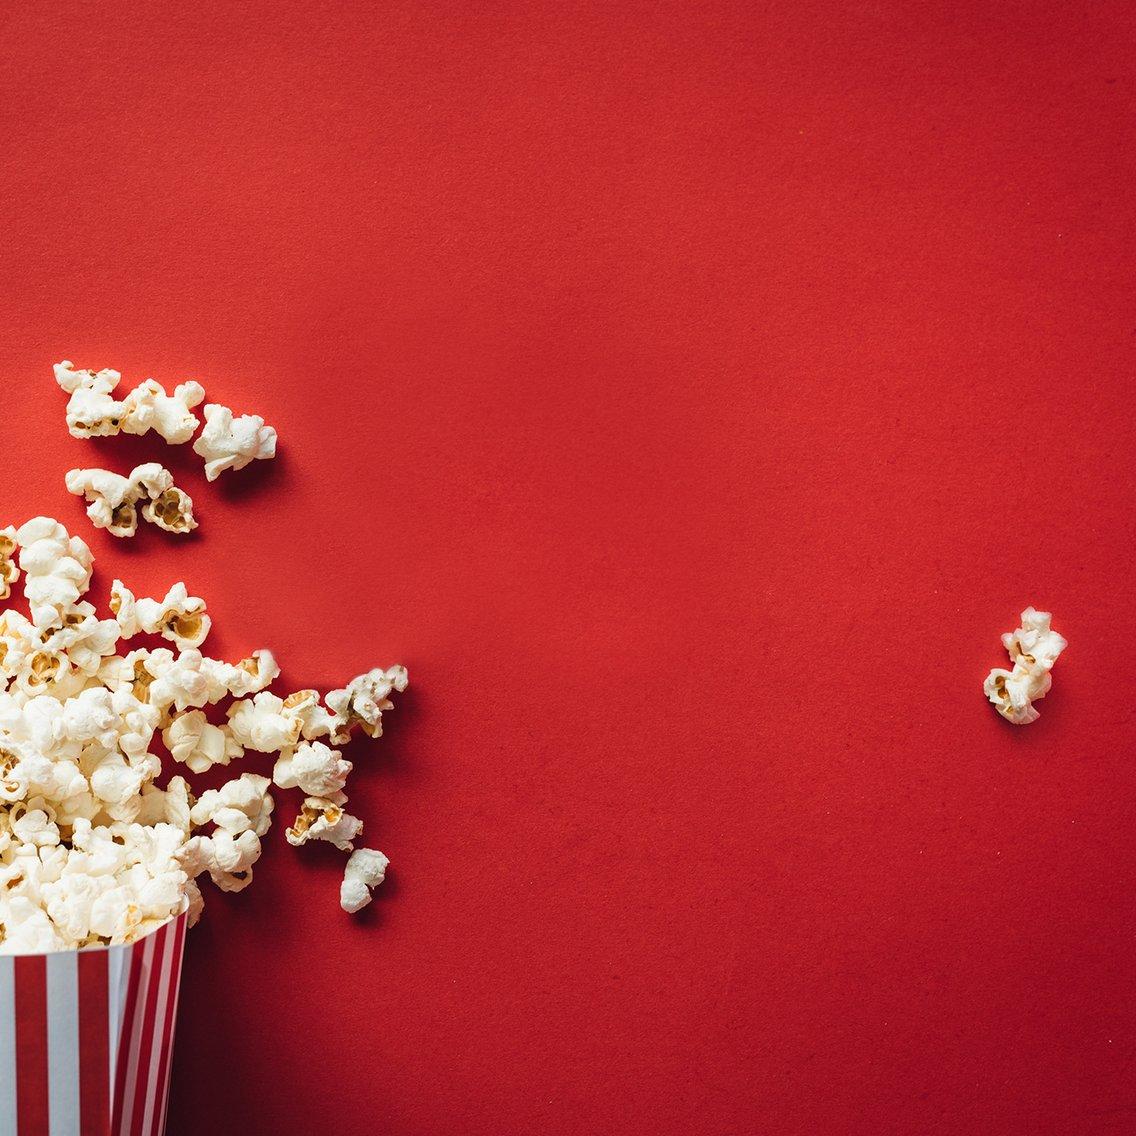 MOMA: Movies & Marketing - immagine di copertina